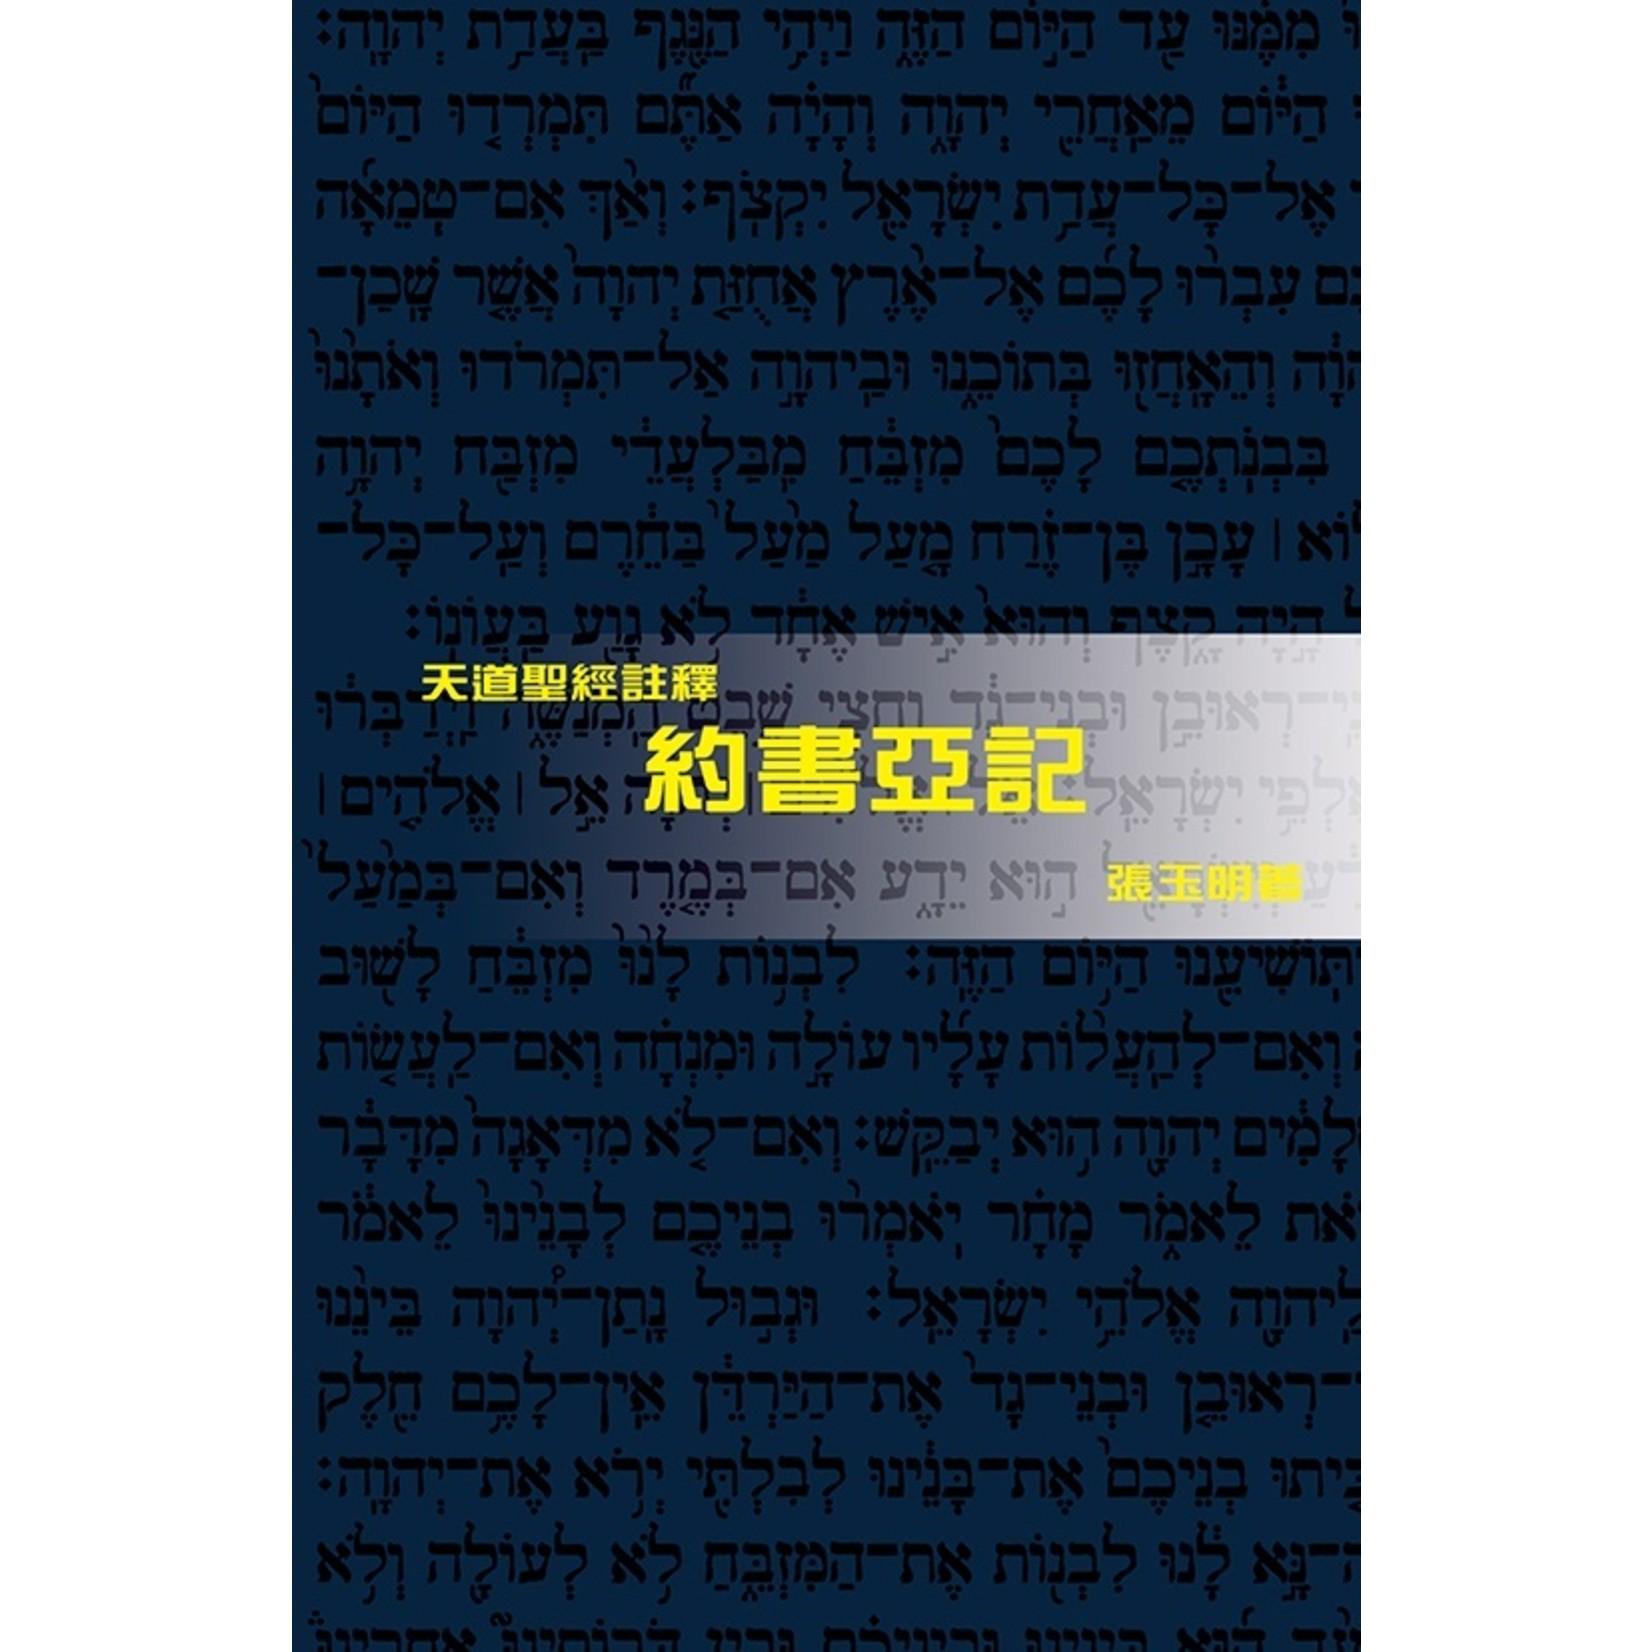 天道書樓 Tien Dao Publishing House 天道聖經註釋:約書亞記